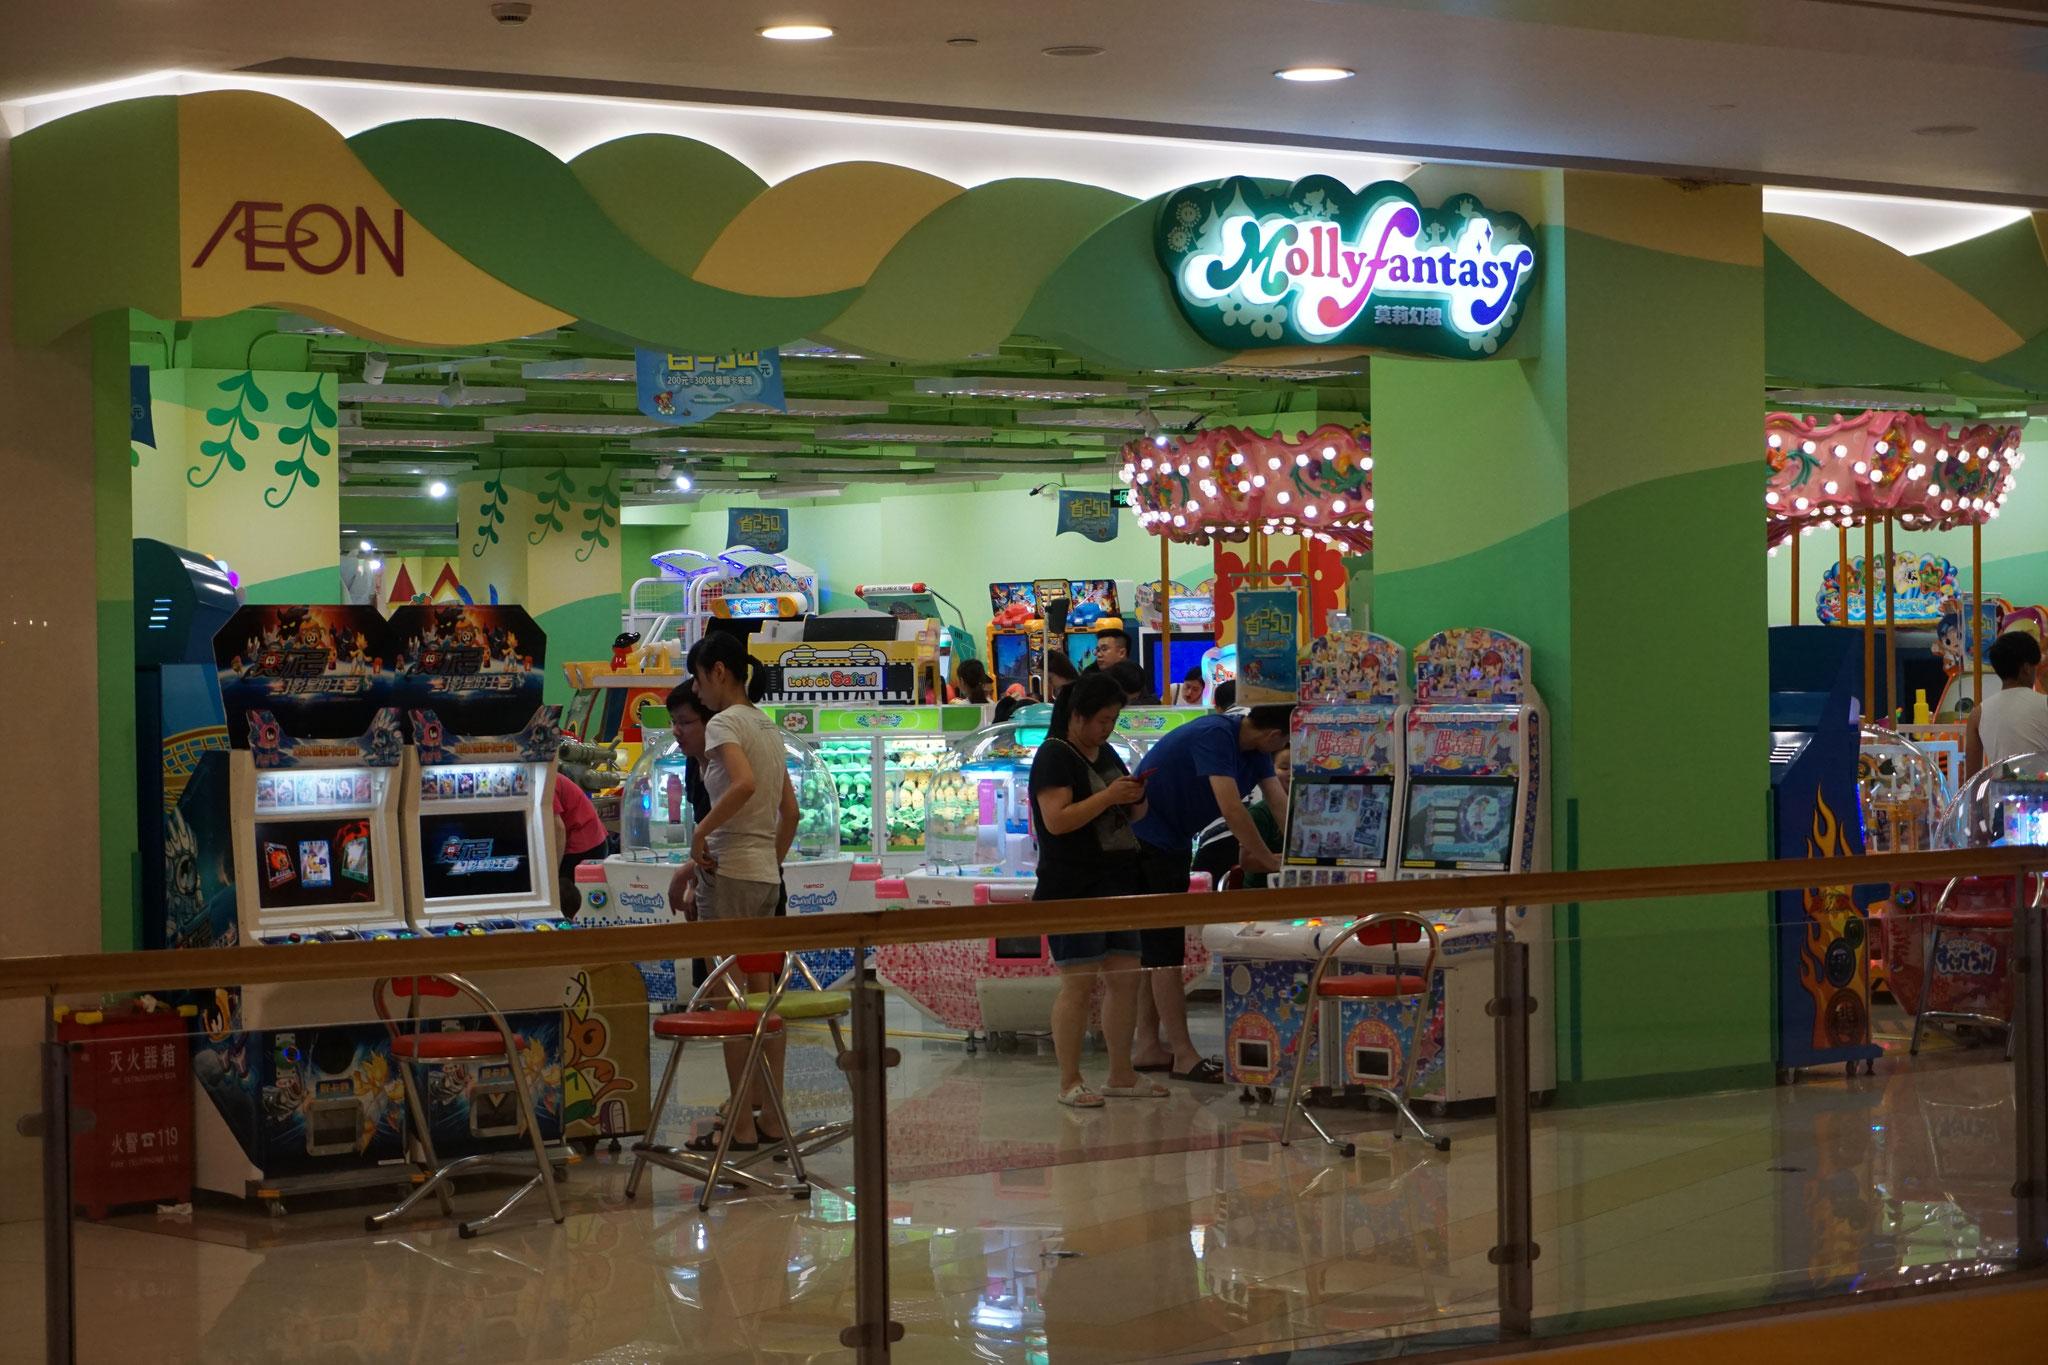 Eine Art Spielhalle für Kinder, gibt es auch überall